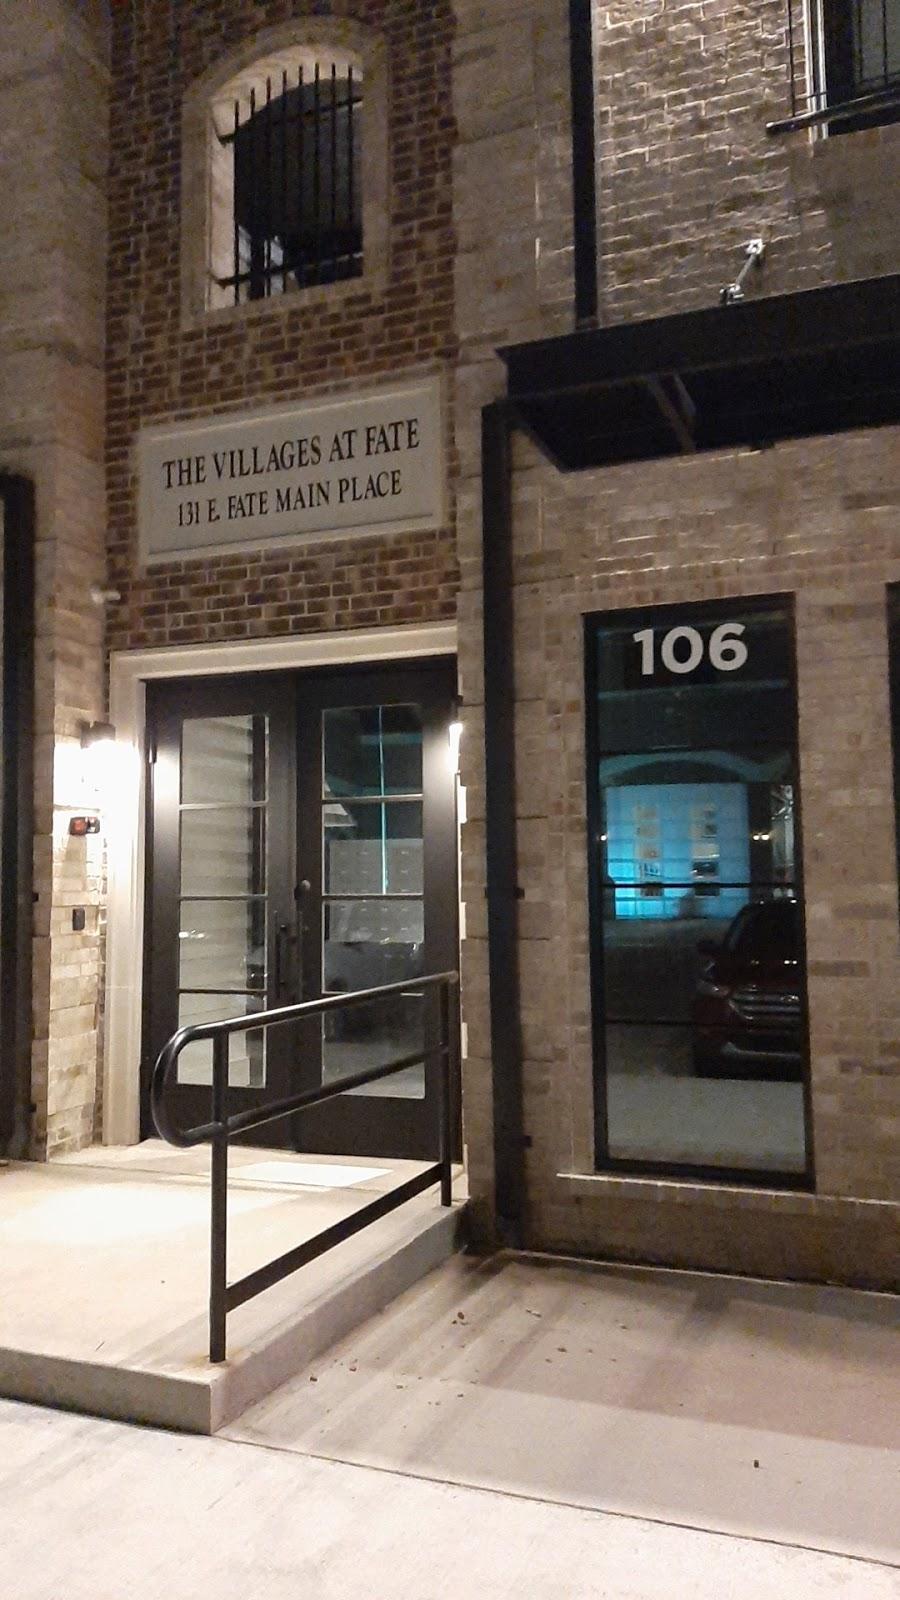 Pablos Restaurant & Cantina | restaurant | 131 E Fate Main Pl #106, Royse City, TX 75189, USA